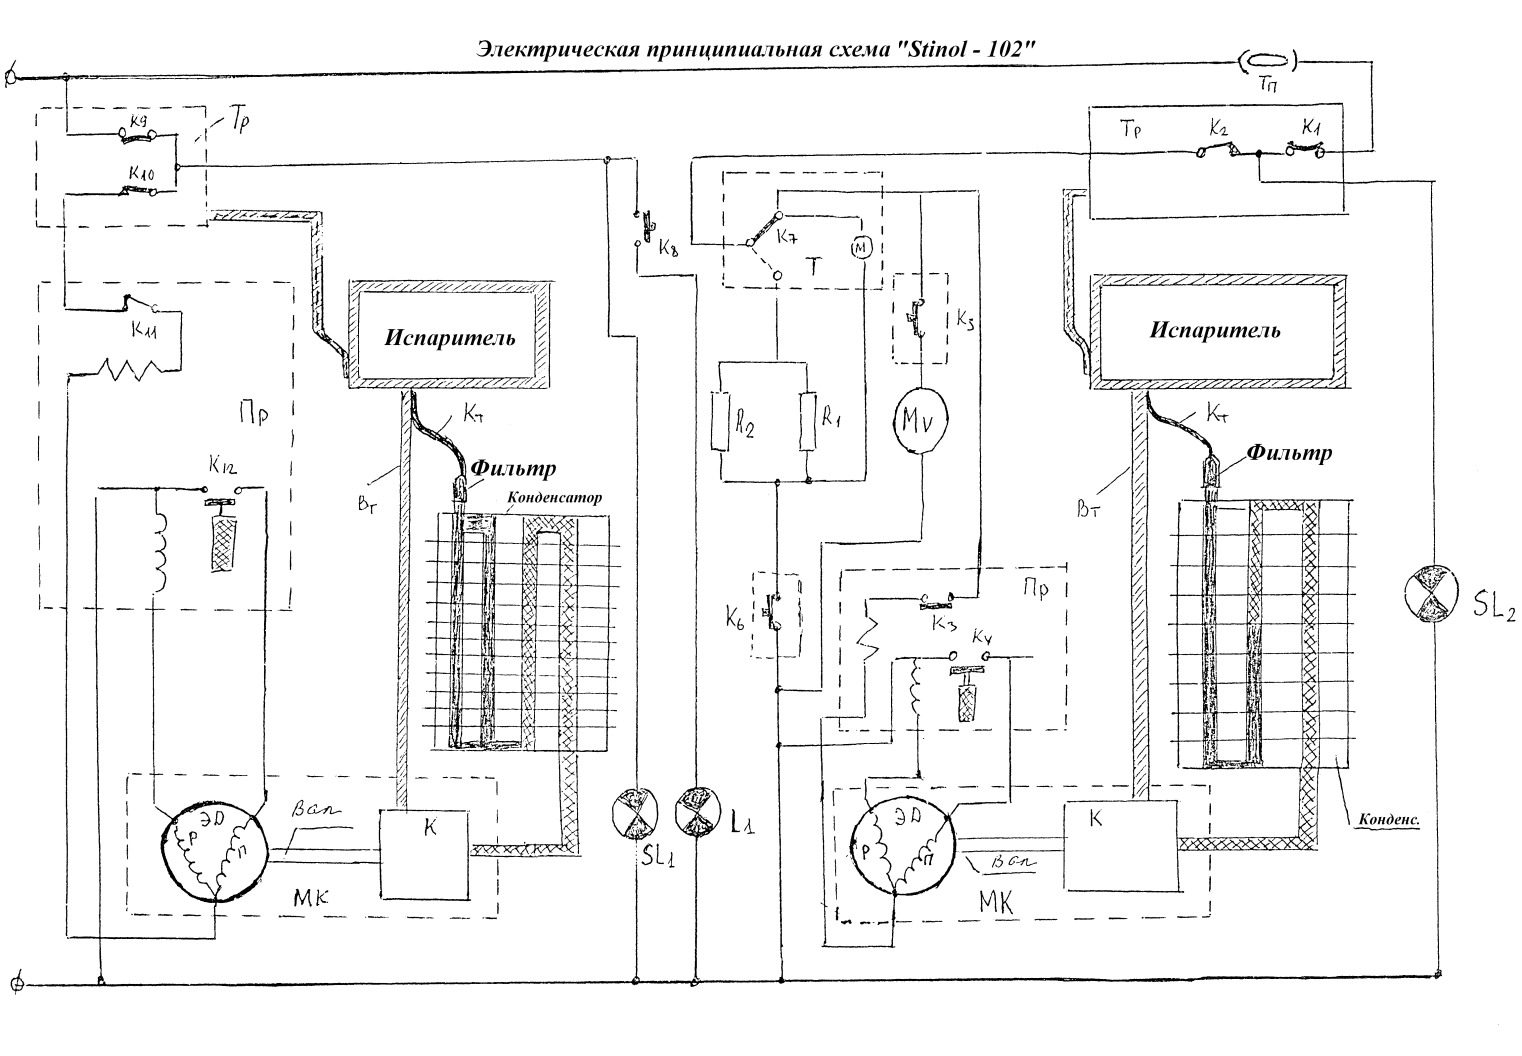 Схема электрическая неисправности на ней